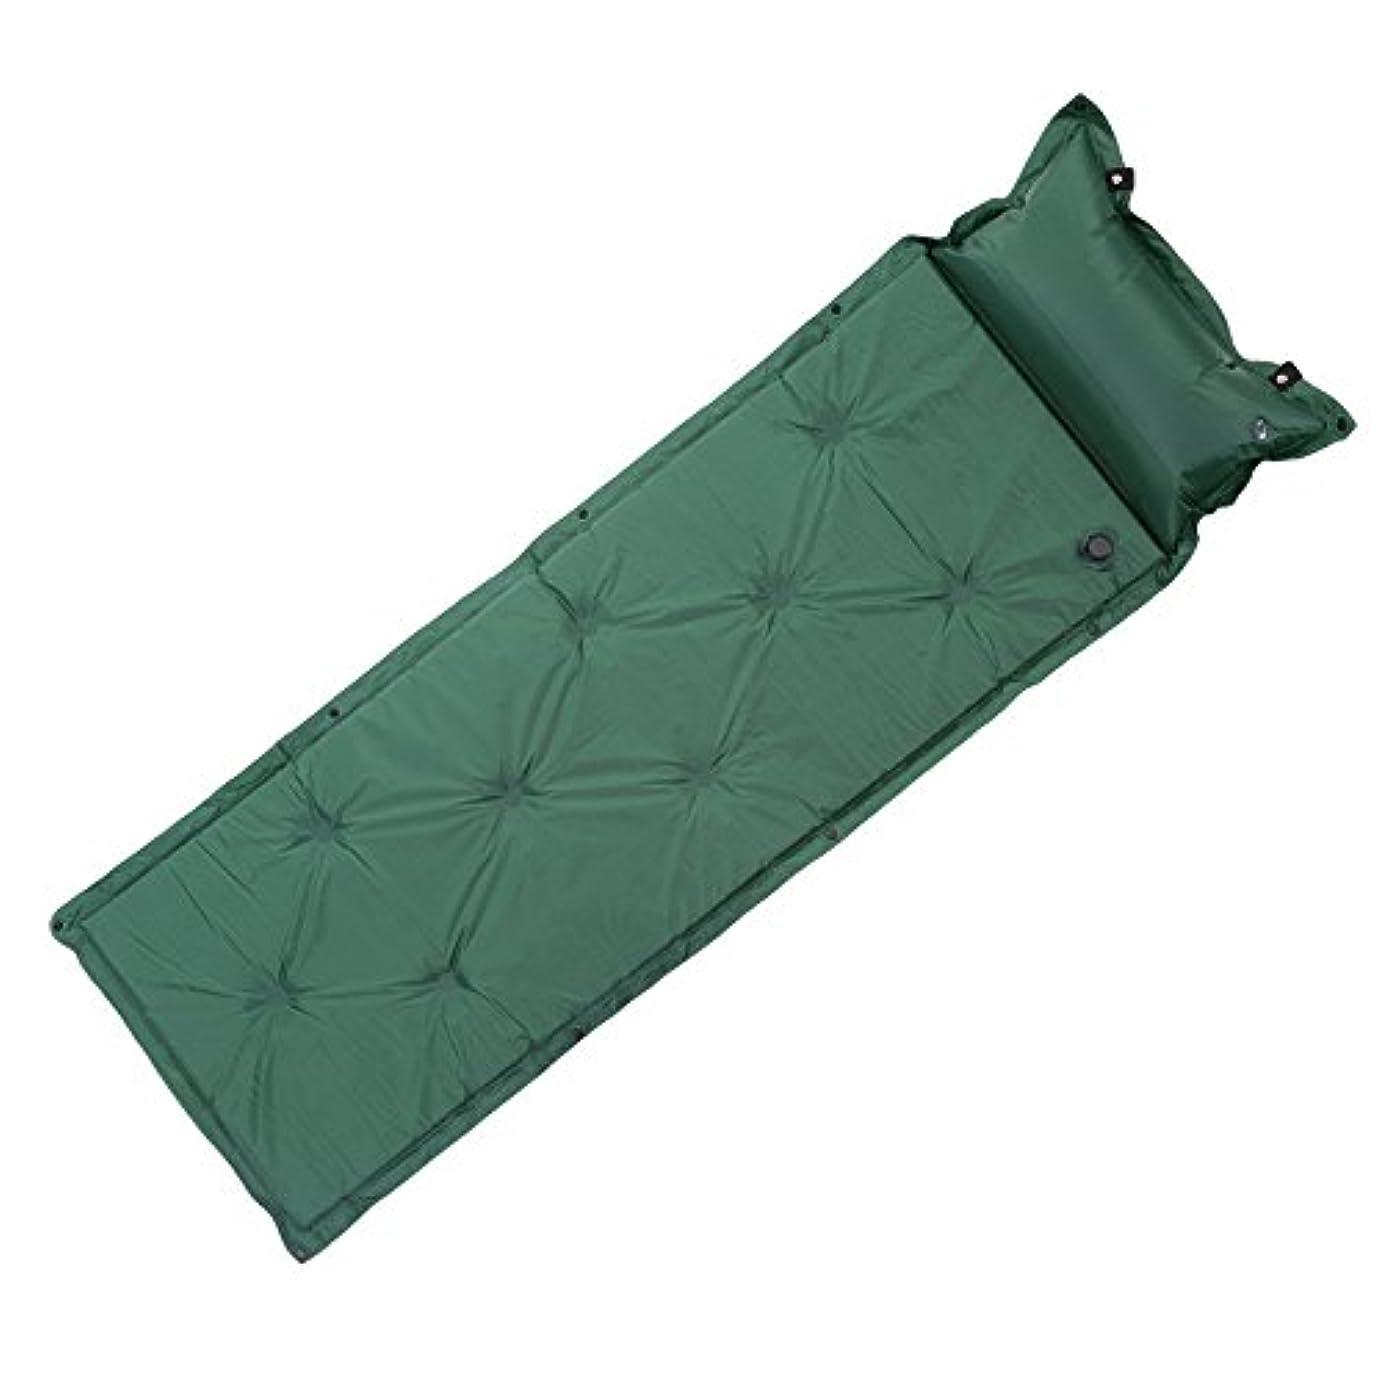 ボーカル西上がる屋外キャンプマット厚い自動インフレータブルマットレス自己膨張テントマットビーチピクニックエアマットレスと枕